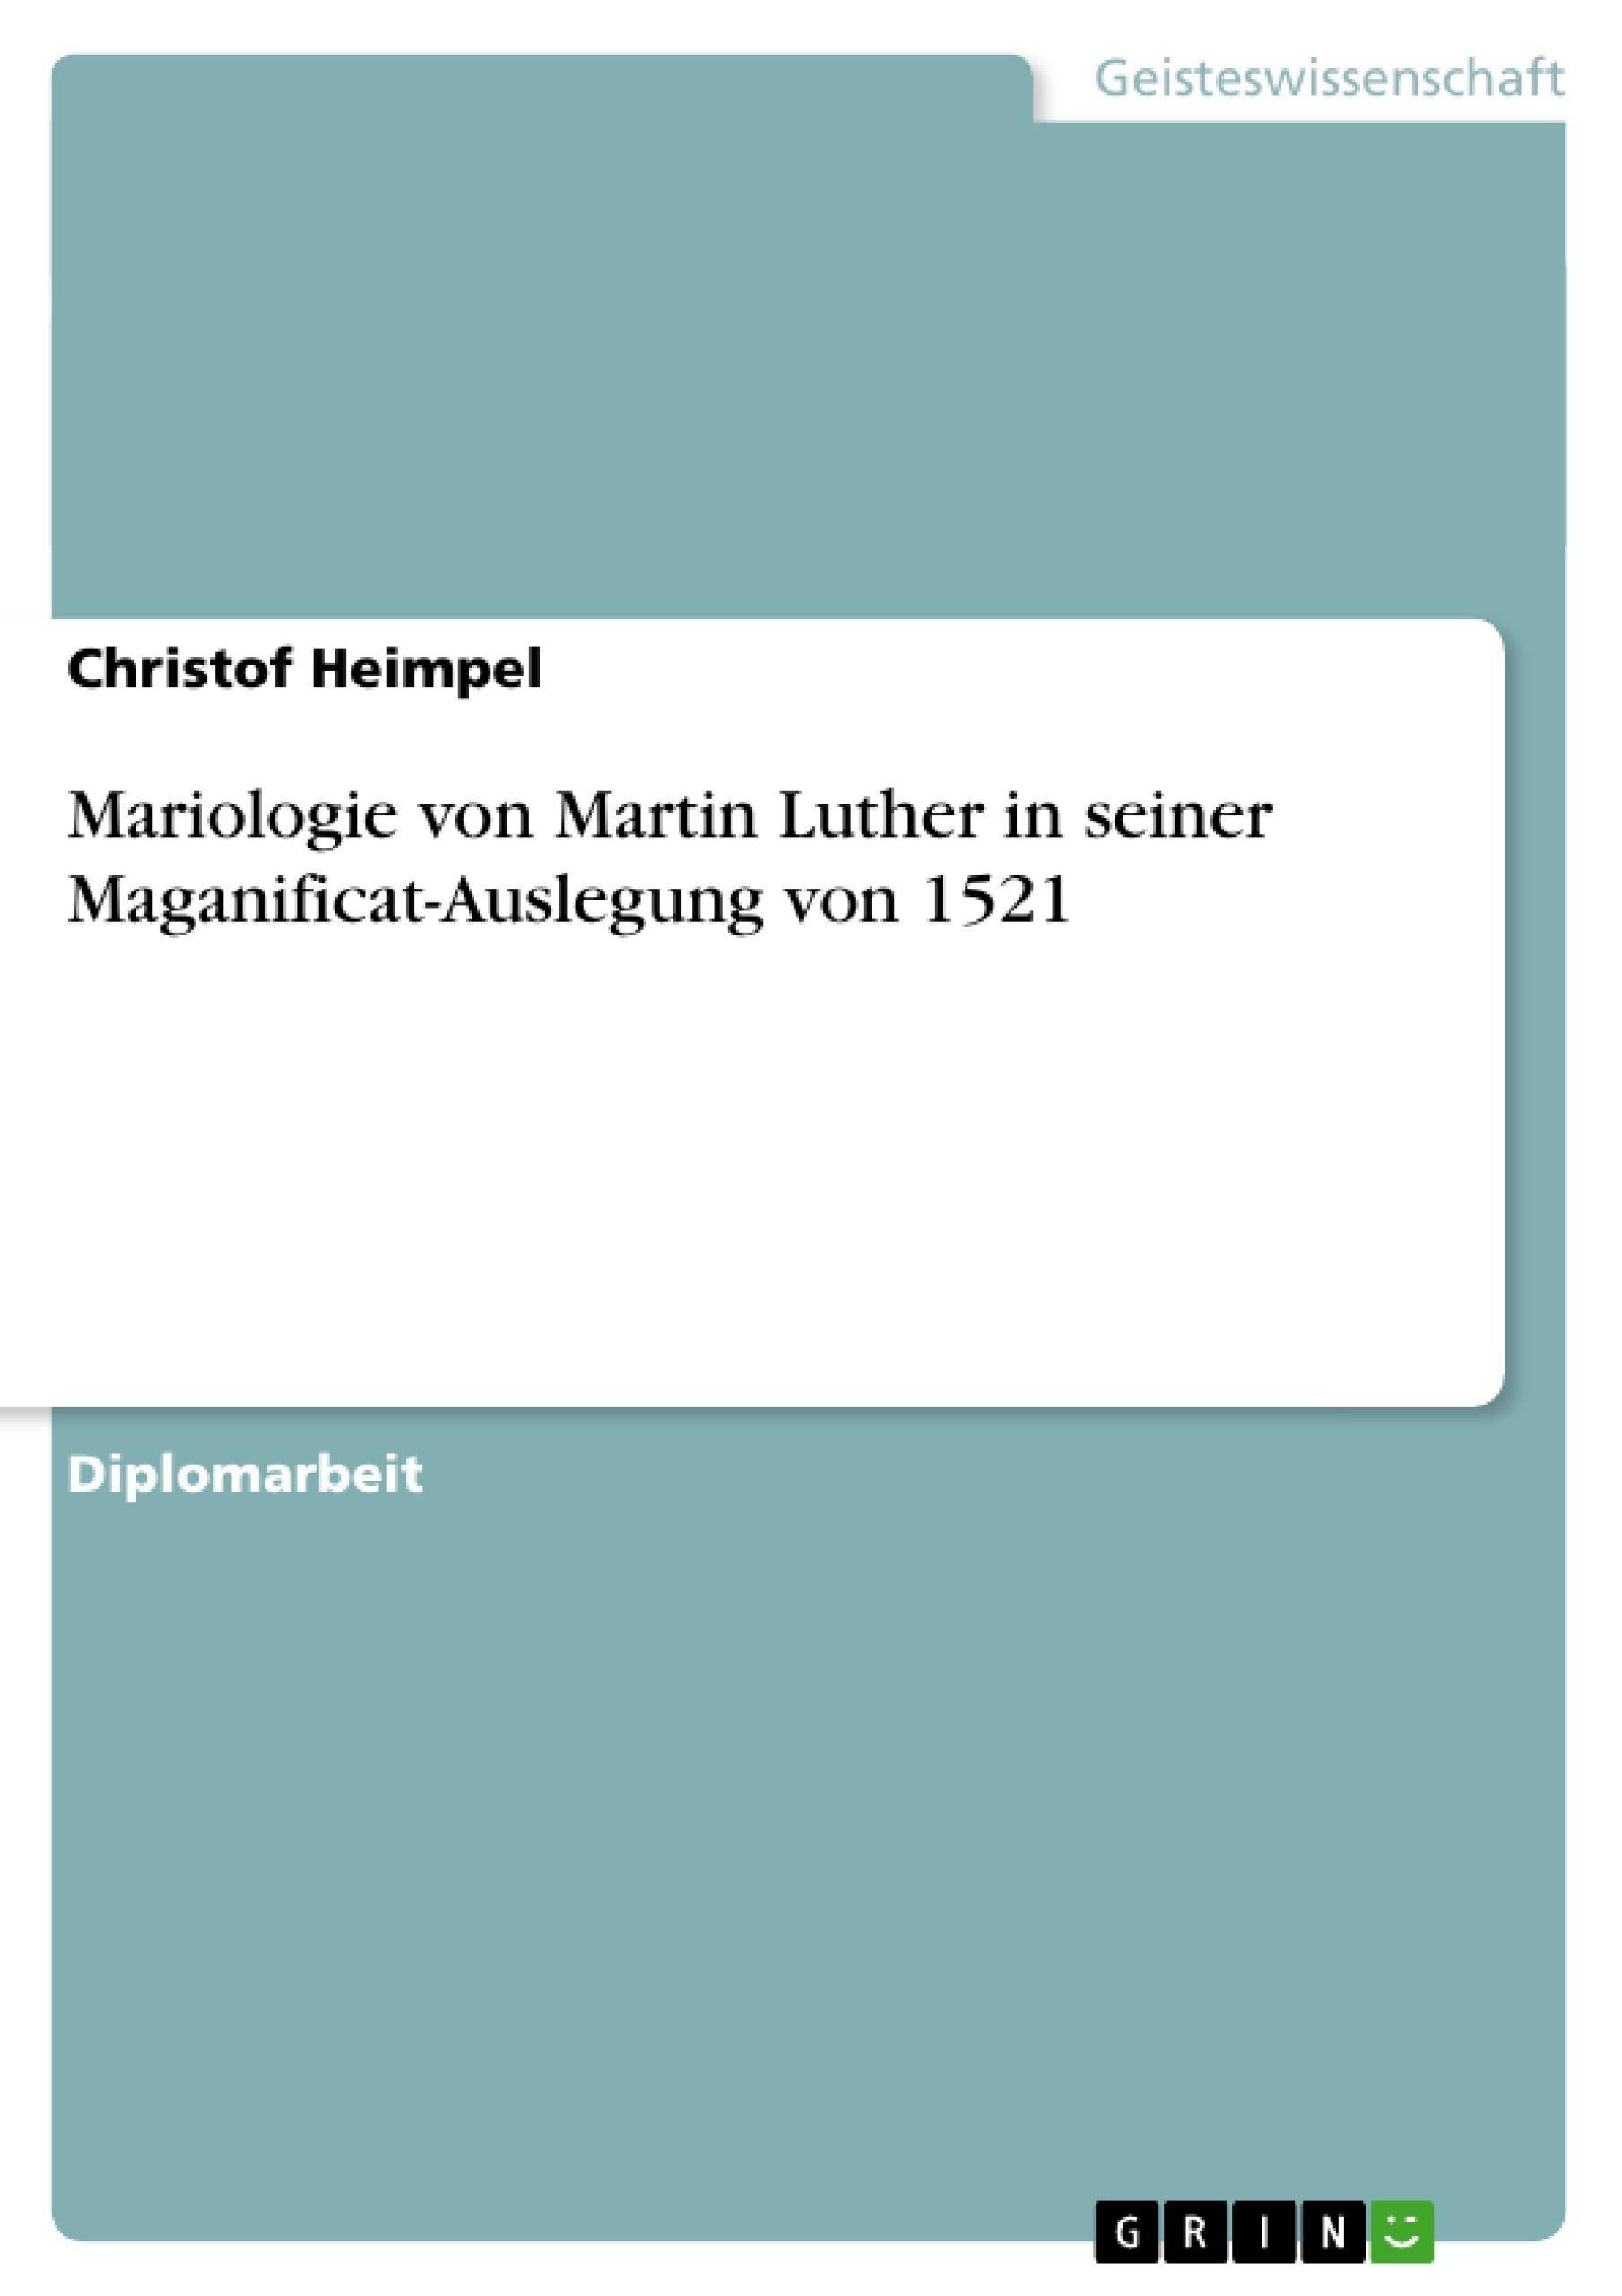 Titel: Mariologie von Martin Luther in seiner Maganificat-Auslegung von 1521